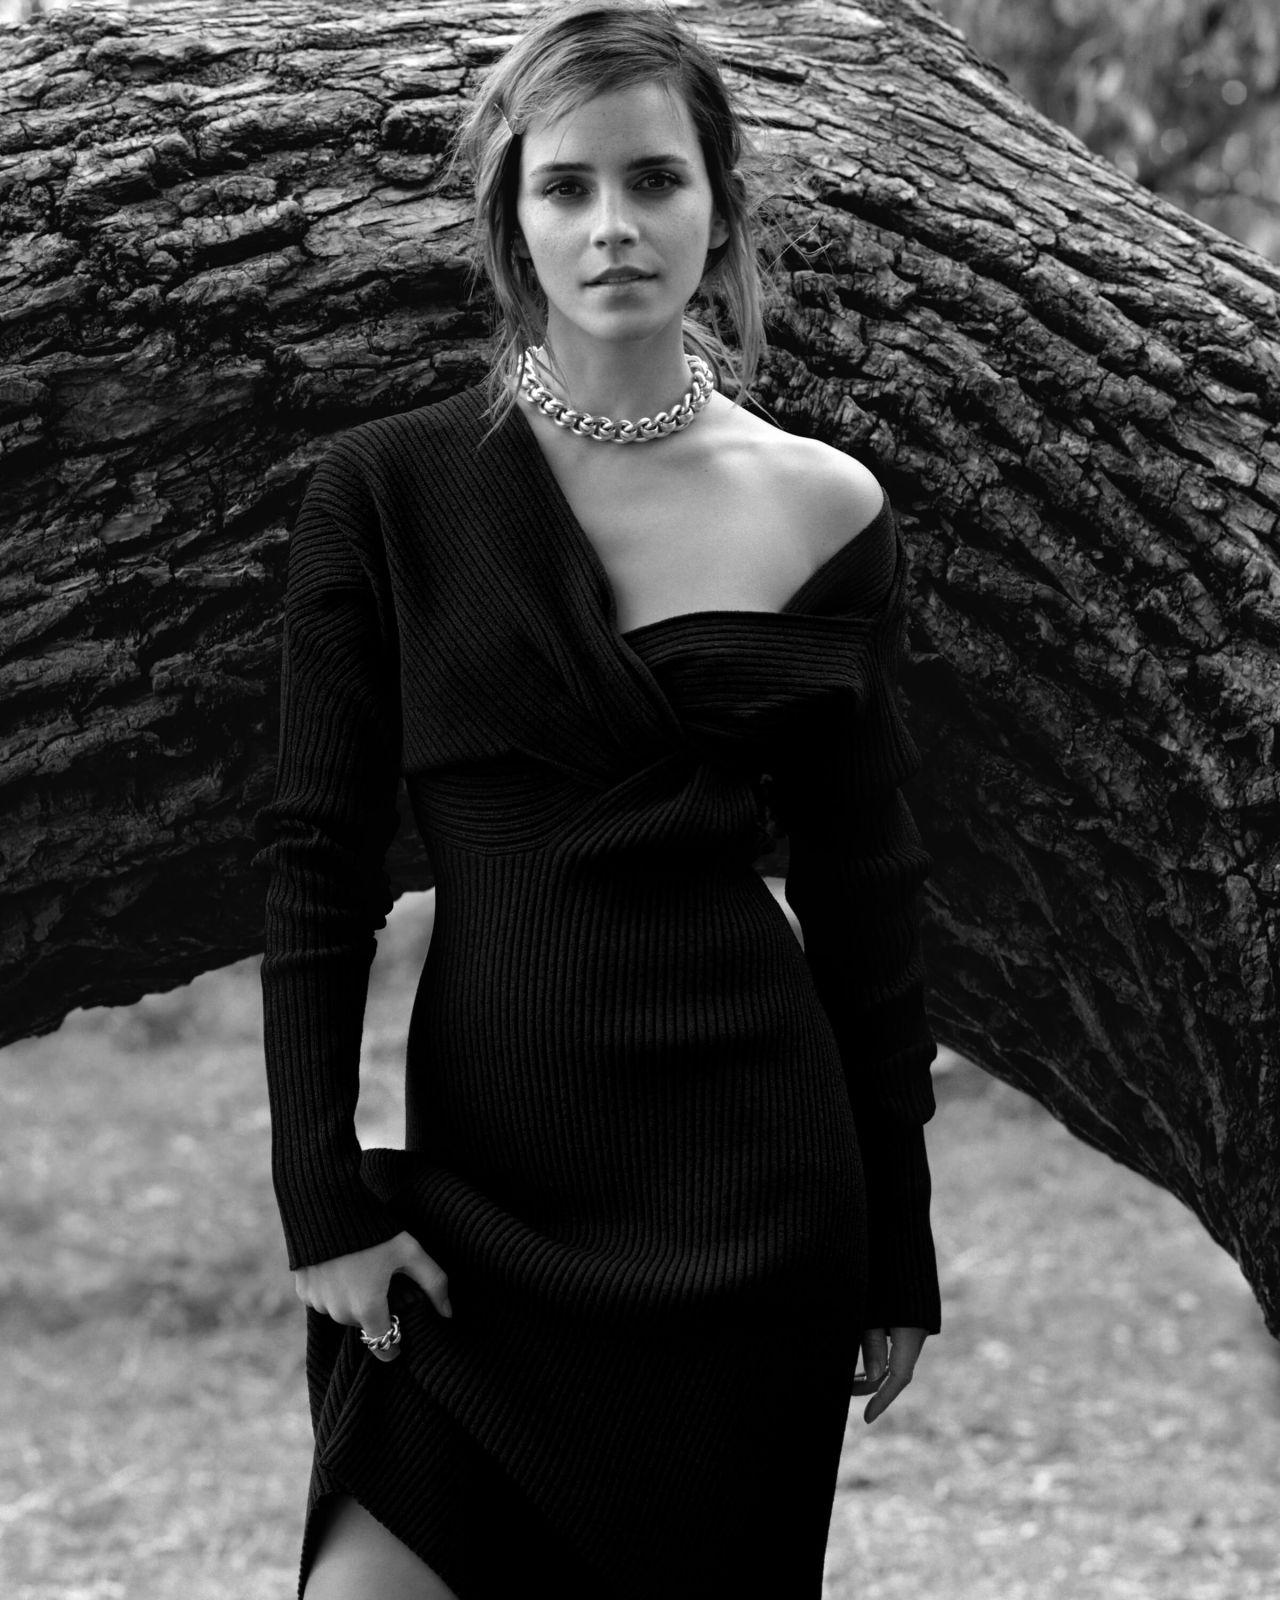 Emma Watson gorgeous in British Vogue magazine December 2019